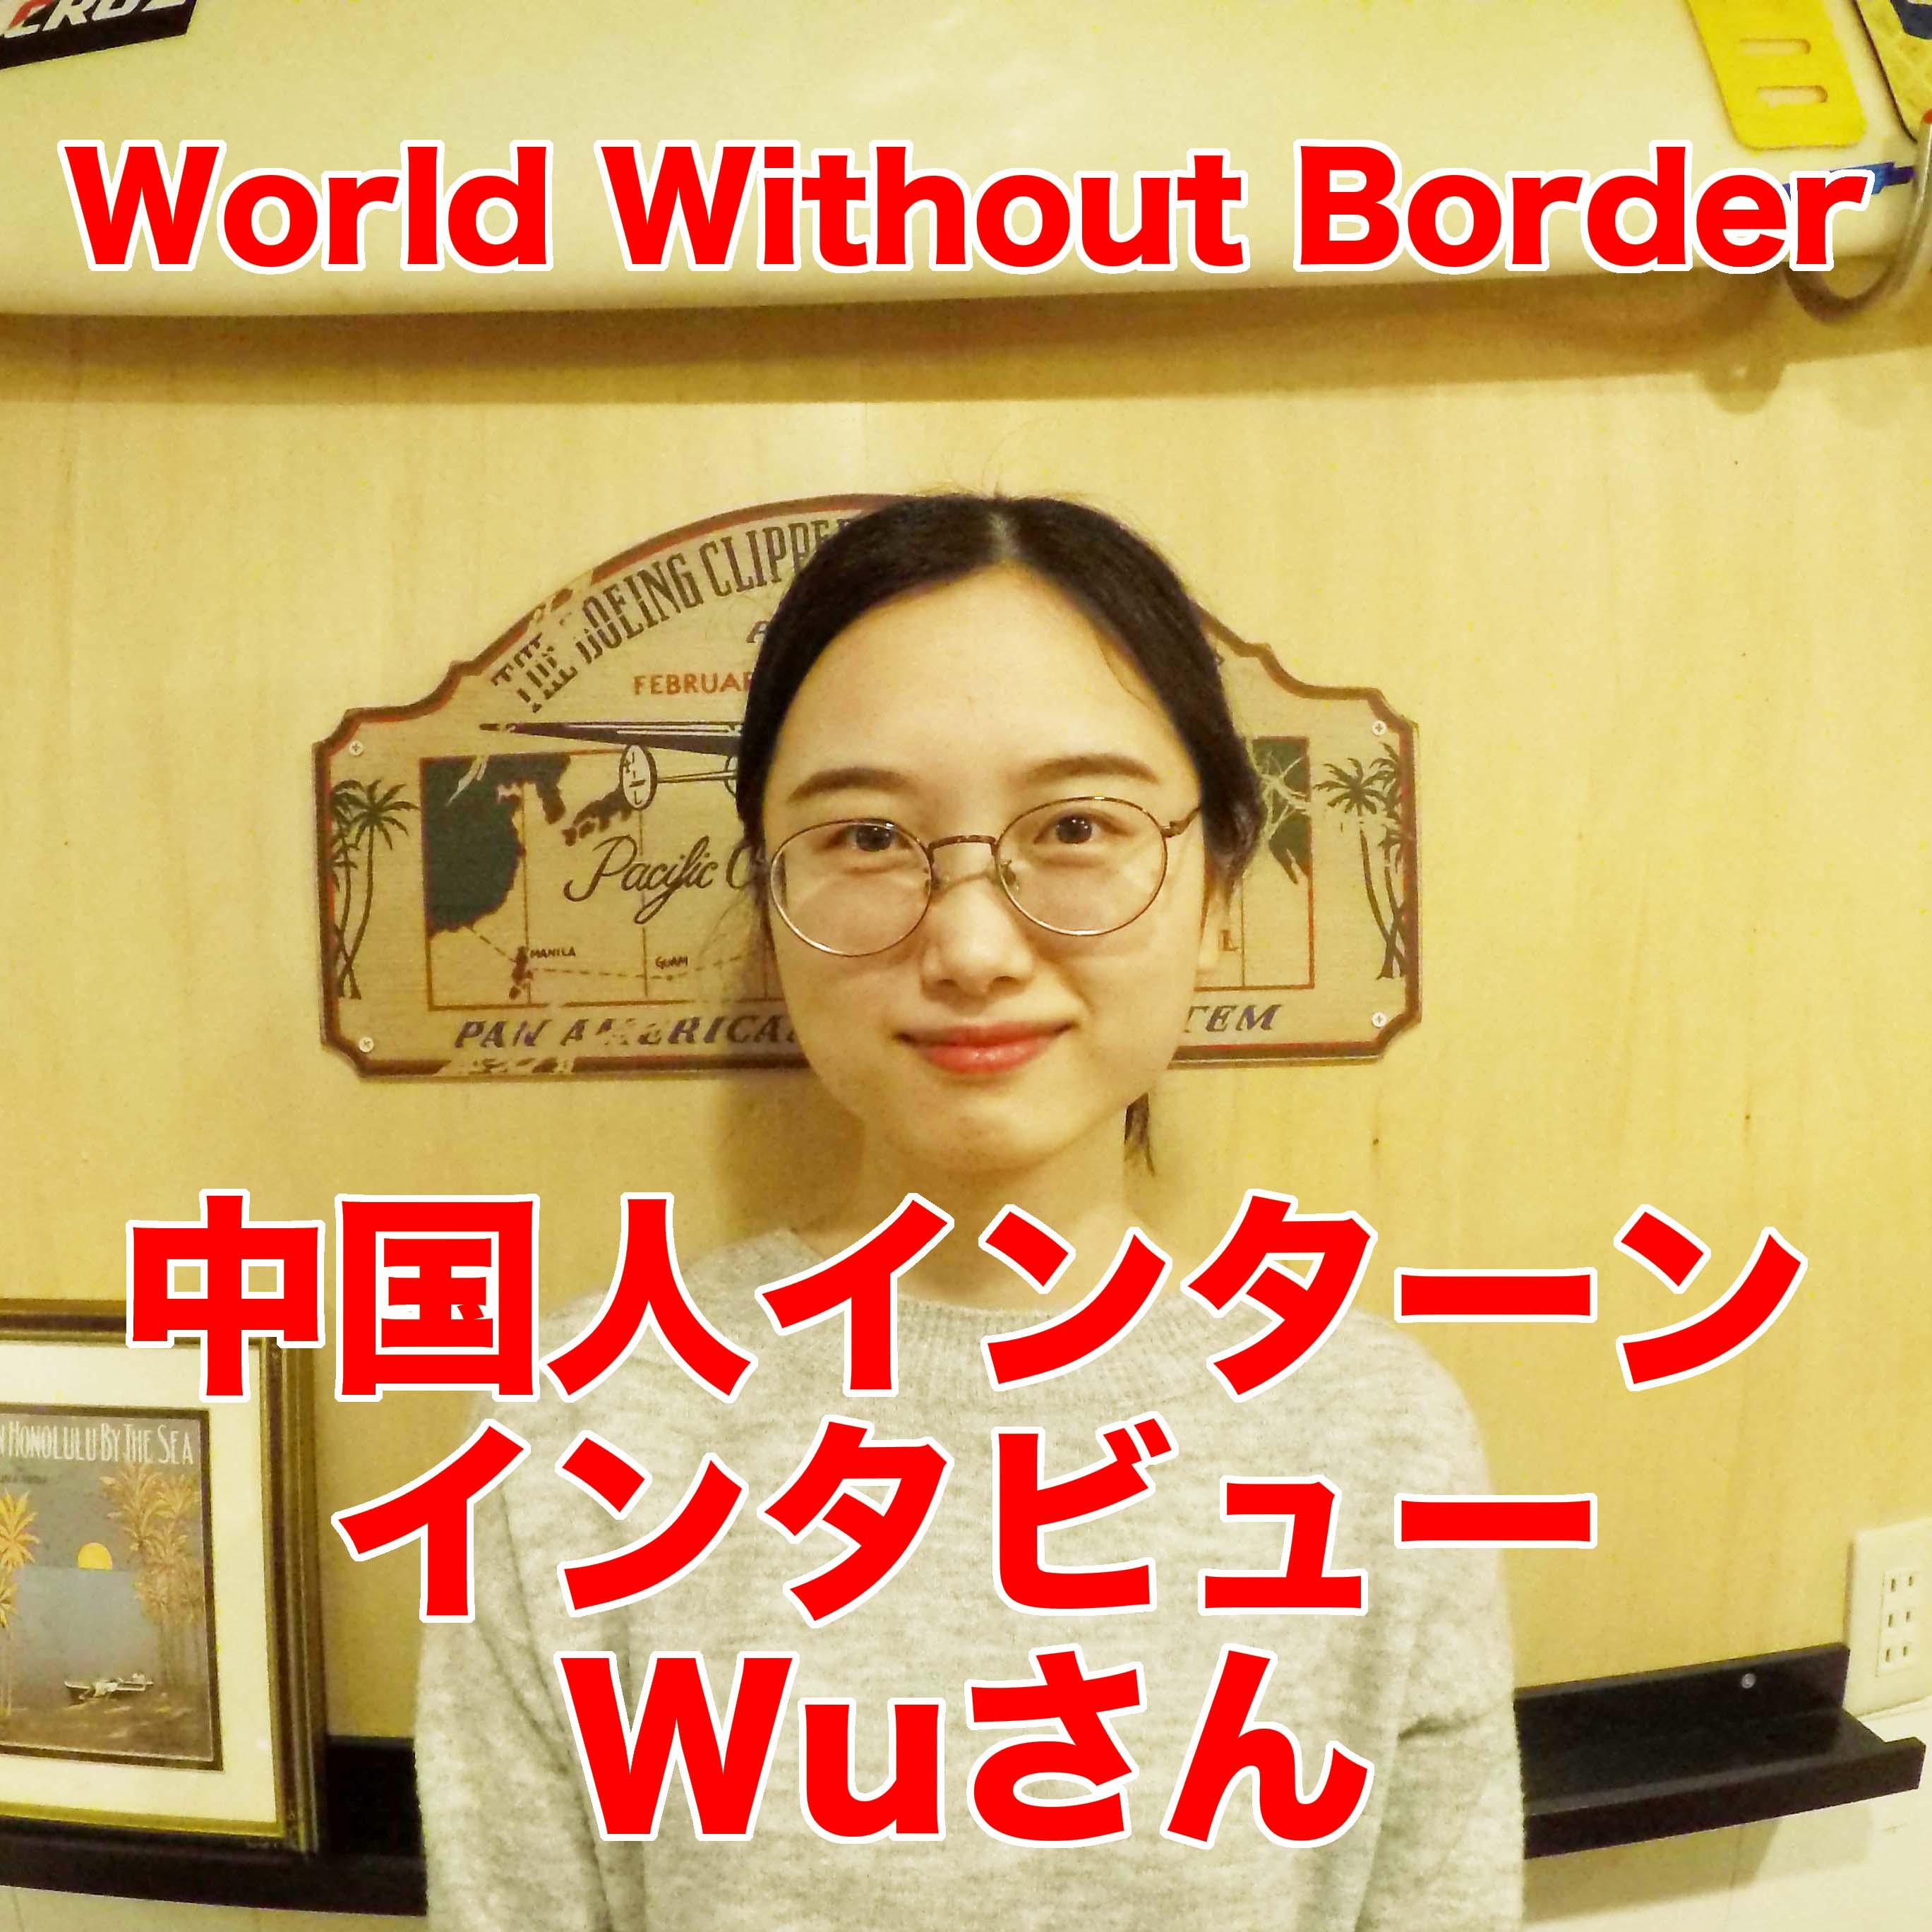 海外で働くインターンインタビュー 中国人Wuさん